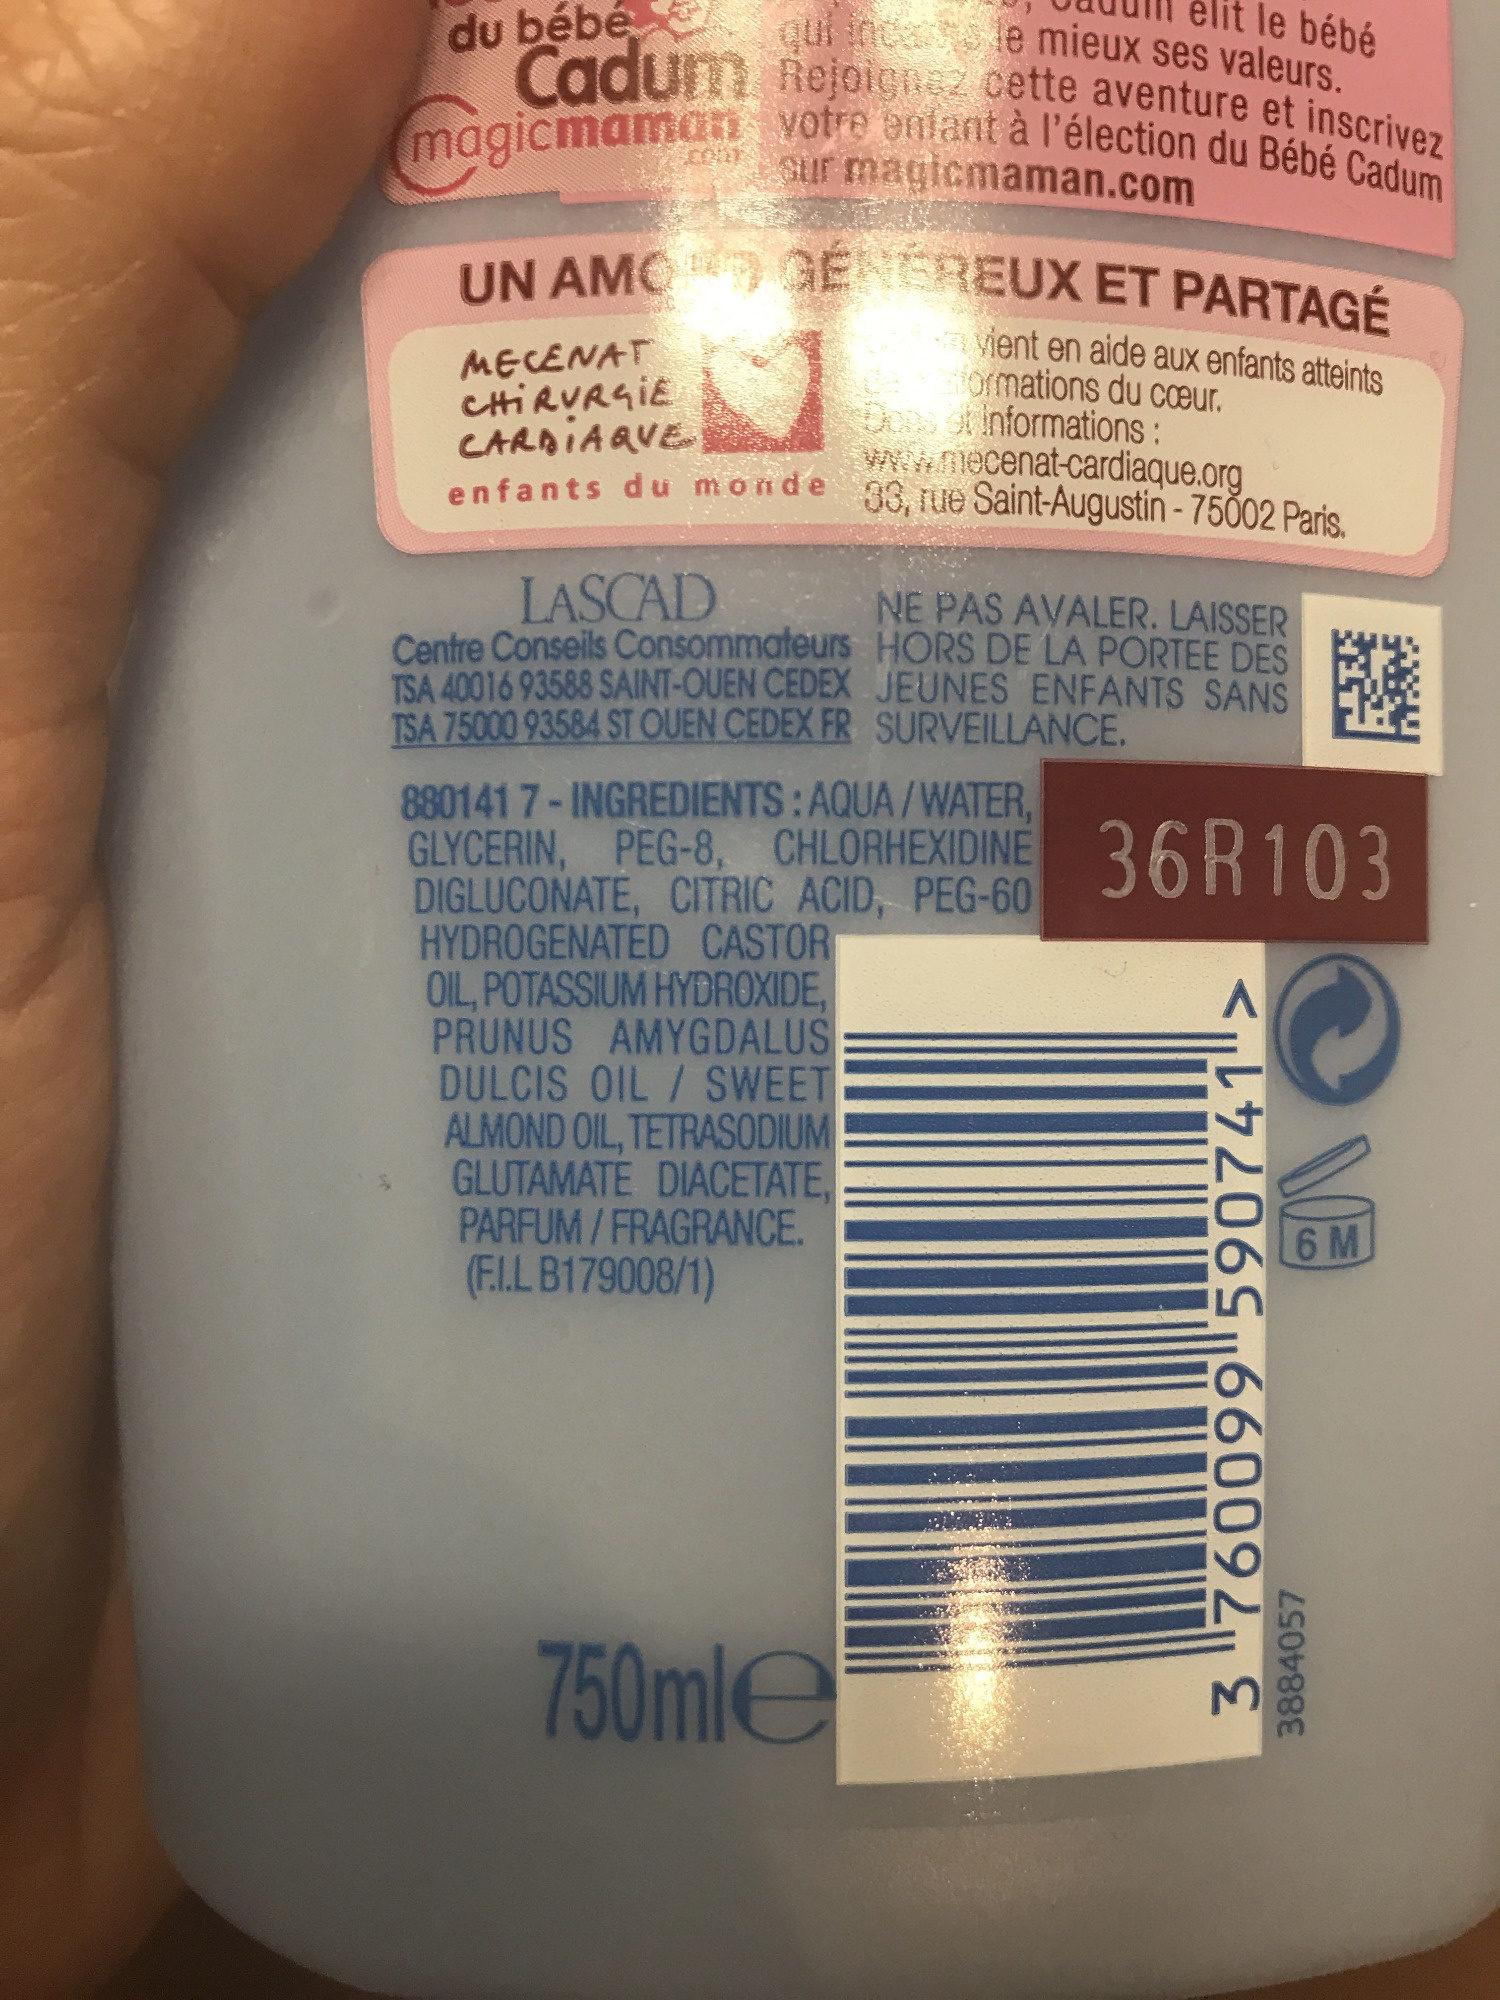 Eau nettoyante à l'huile d'amande douce - Produit - fr